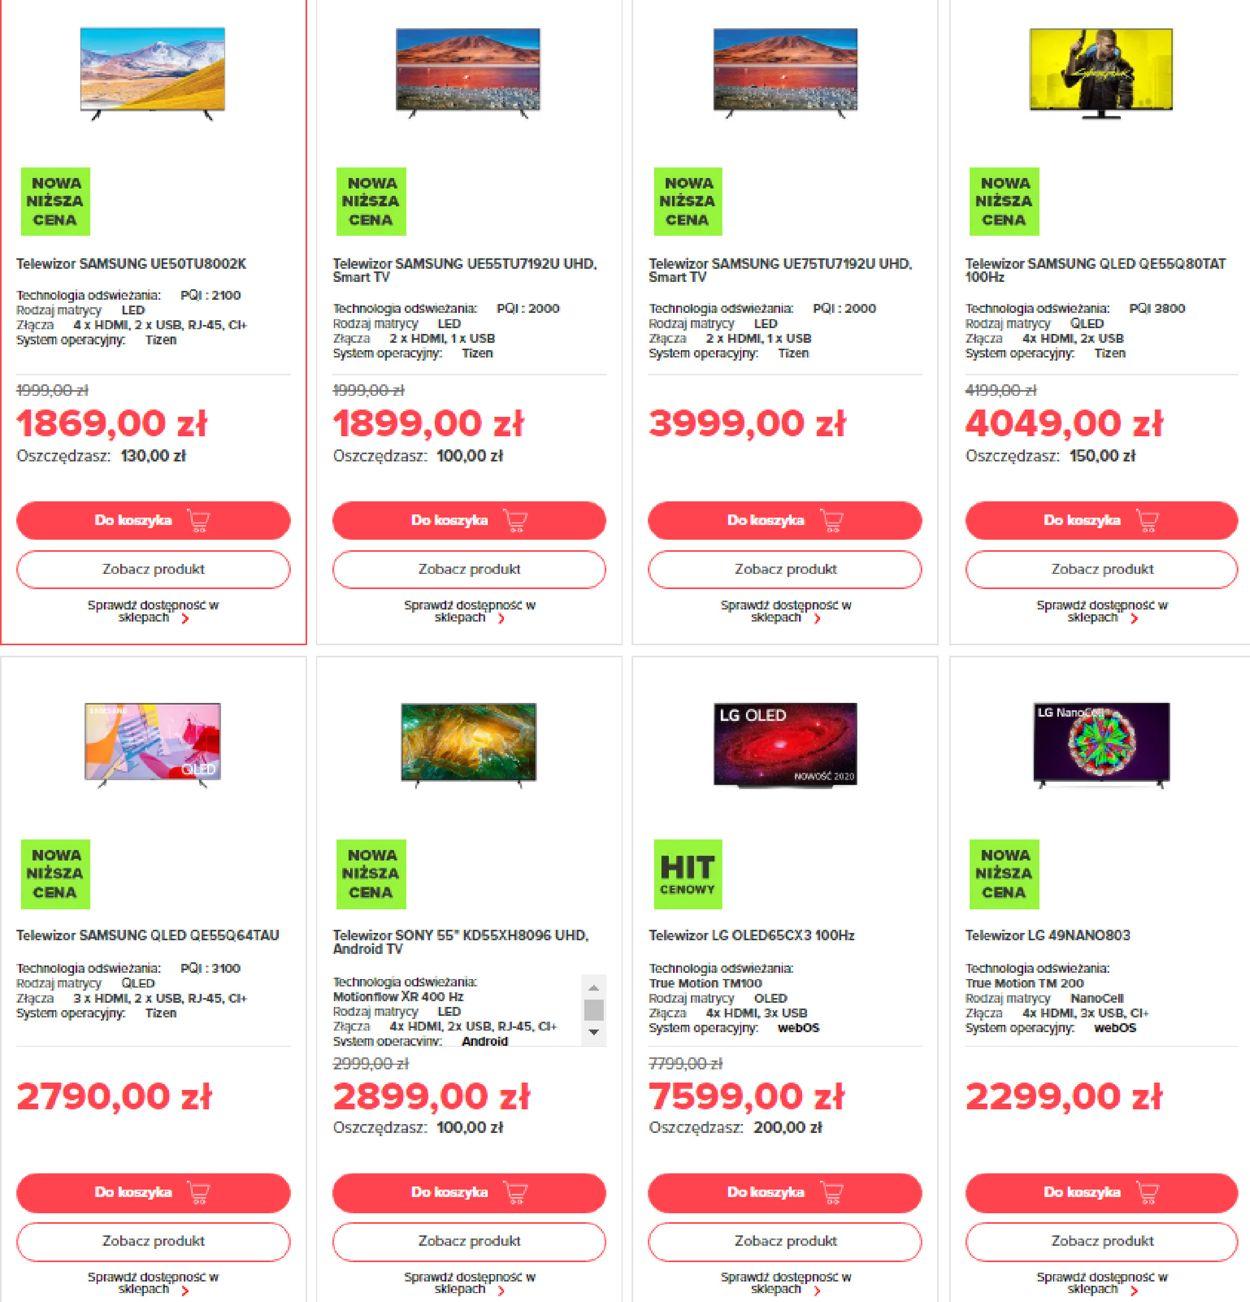 Gazetka promocyjna Neonet - 02.03-08.03.2021 (Strona 3)